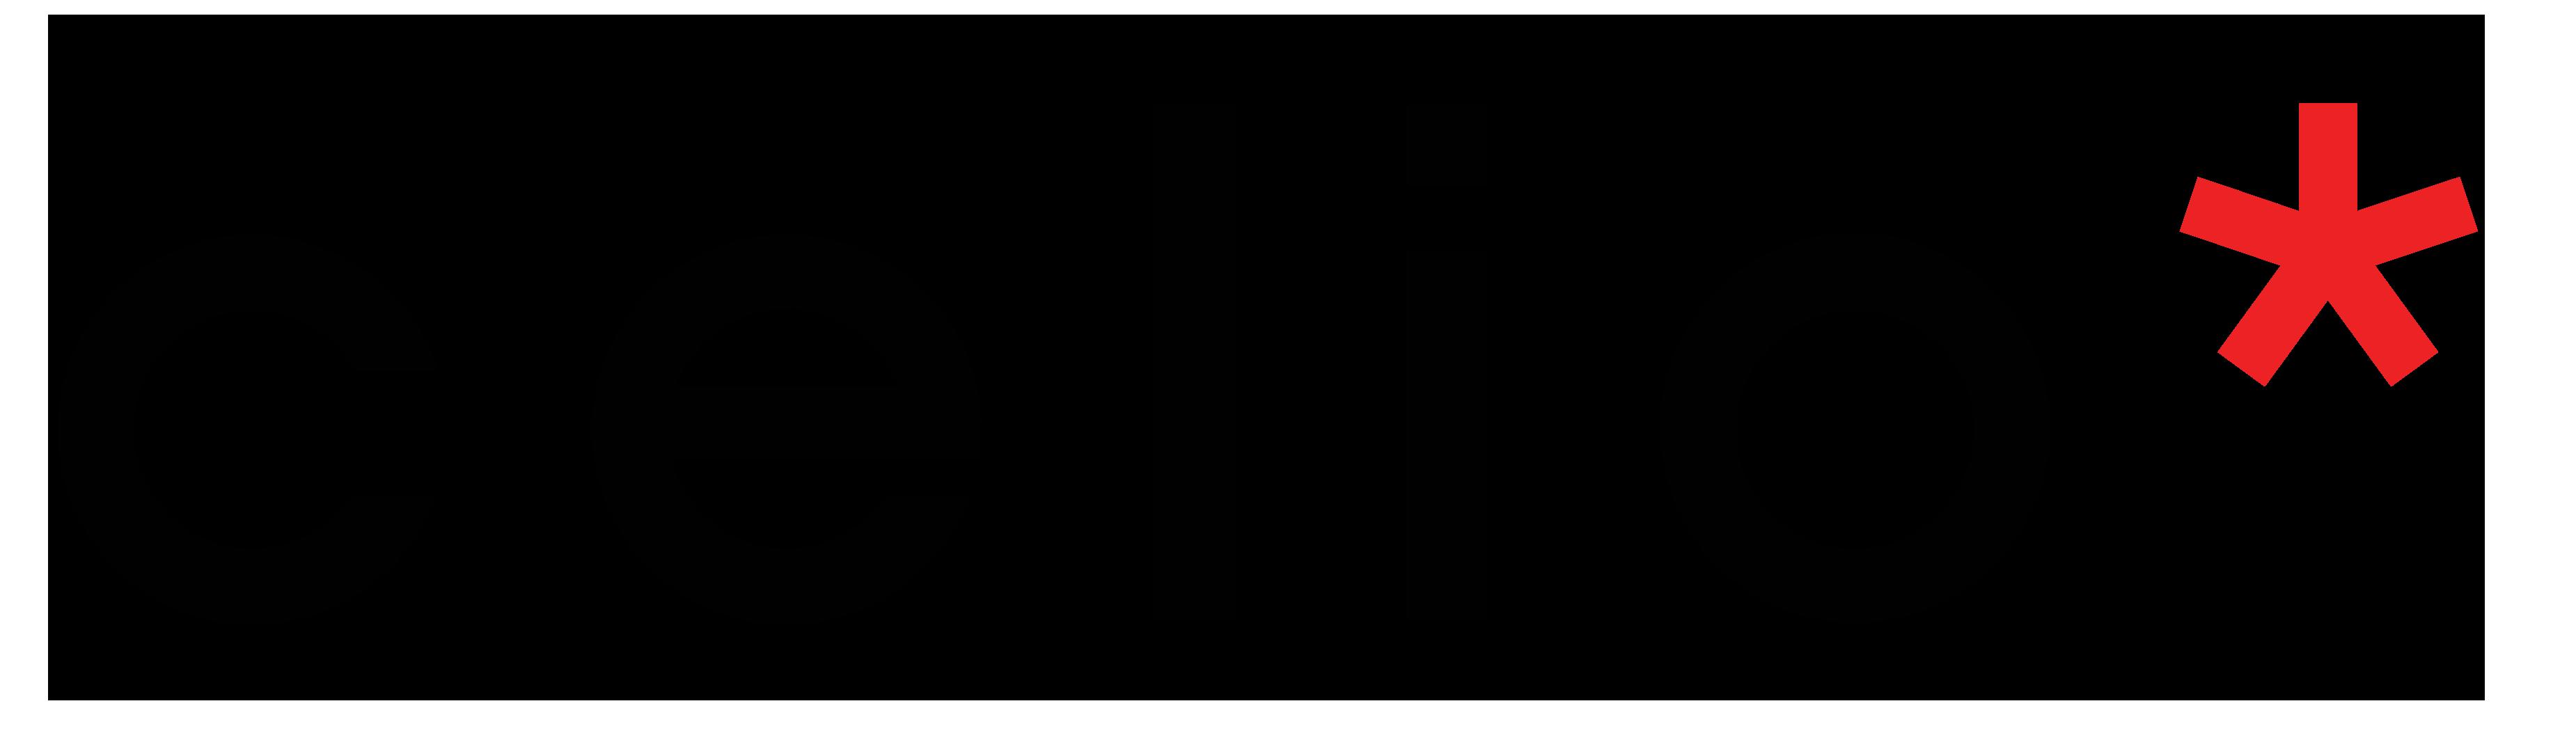 Code promo Celio* : 30% de réduction sur tout le site (hors cartes cadeaux)